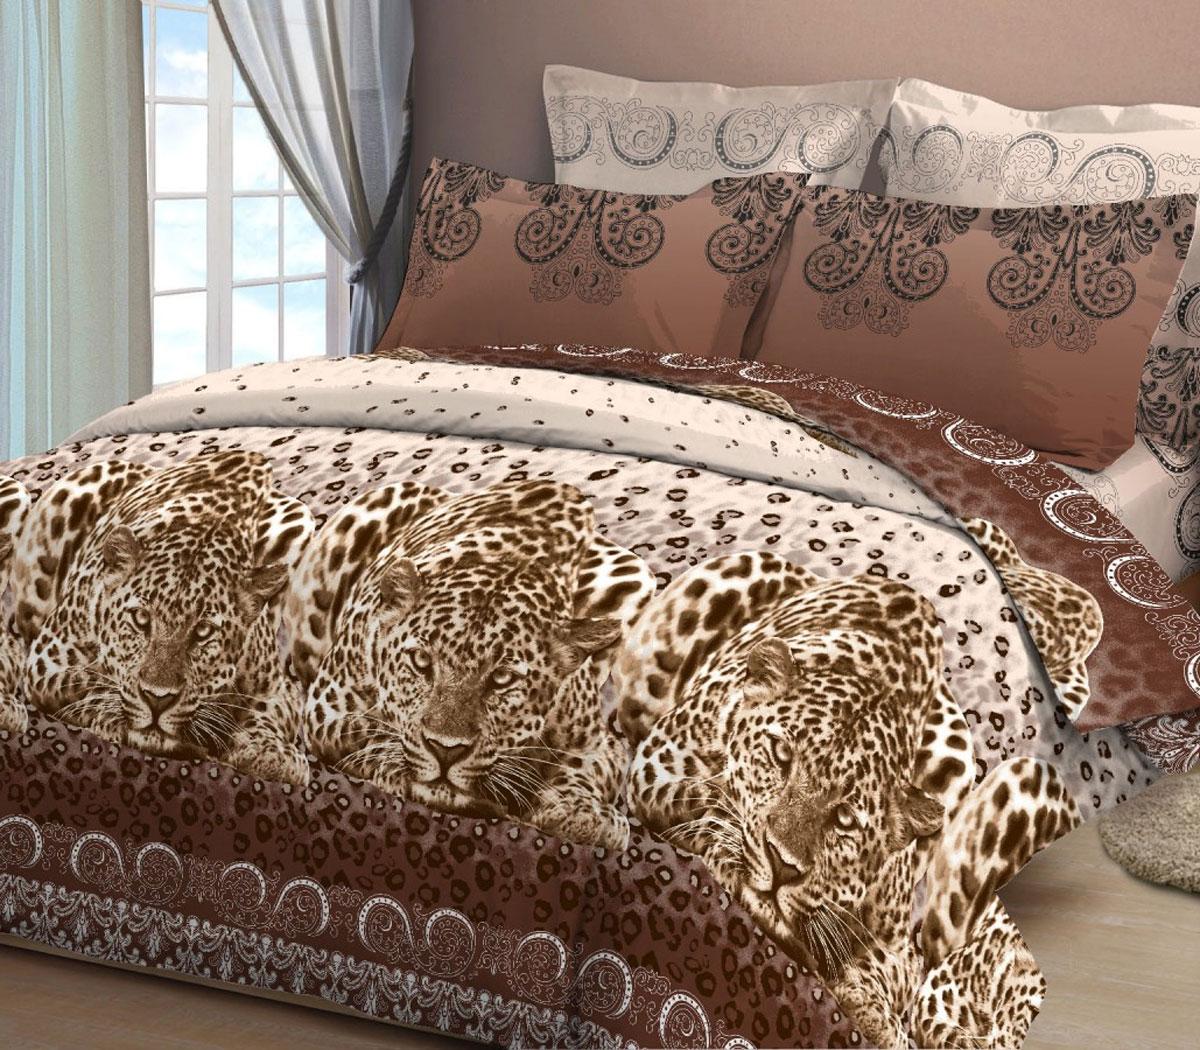 Комплект белья Amore Mio Safari, 2-спальный, наволочки 70х7077724Комплект постельного белья Amore Mio Safari является экологически безопасным для всей семьи, так как выполнен из бязи (100% хлопок). Комплект состоит из пододеяльника, простыни и двух наволочек. Постельное белье оформлено оригинальным 3D рисунком и имеет изысканный внешний вид. Легкая, плотная, мягкая ткань отлично стирается, гладится, быстро сохнет. Рекомендации по уходу: Химчистка и отбеливание запрещены. Разрешены глажка при температуре подошвы утюга до 150°C и деликатная барабанная сушка при пониженной температуре 60°C. Рекомендуется стирка в прохладной воде при температуре не выше 30°.